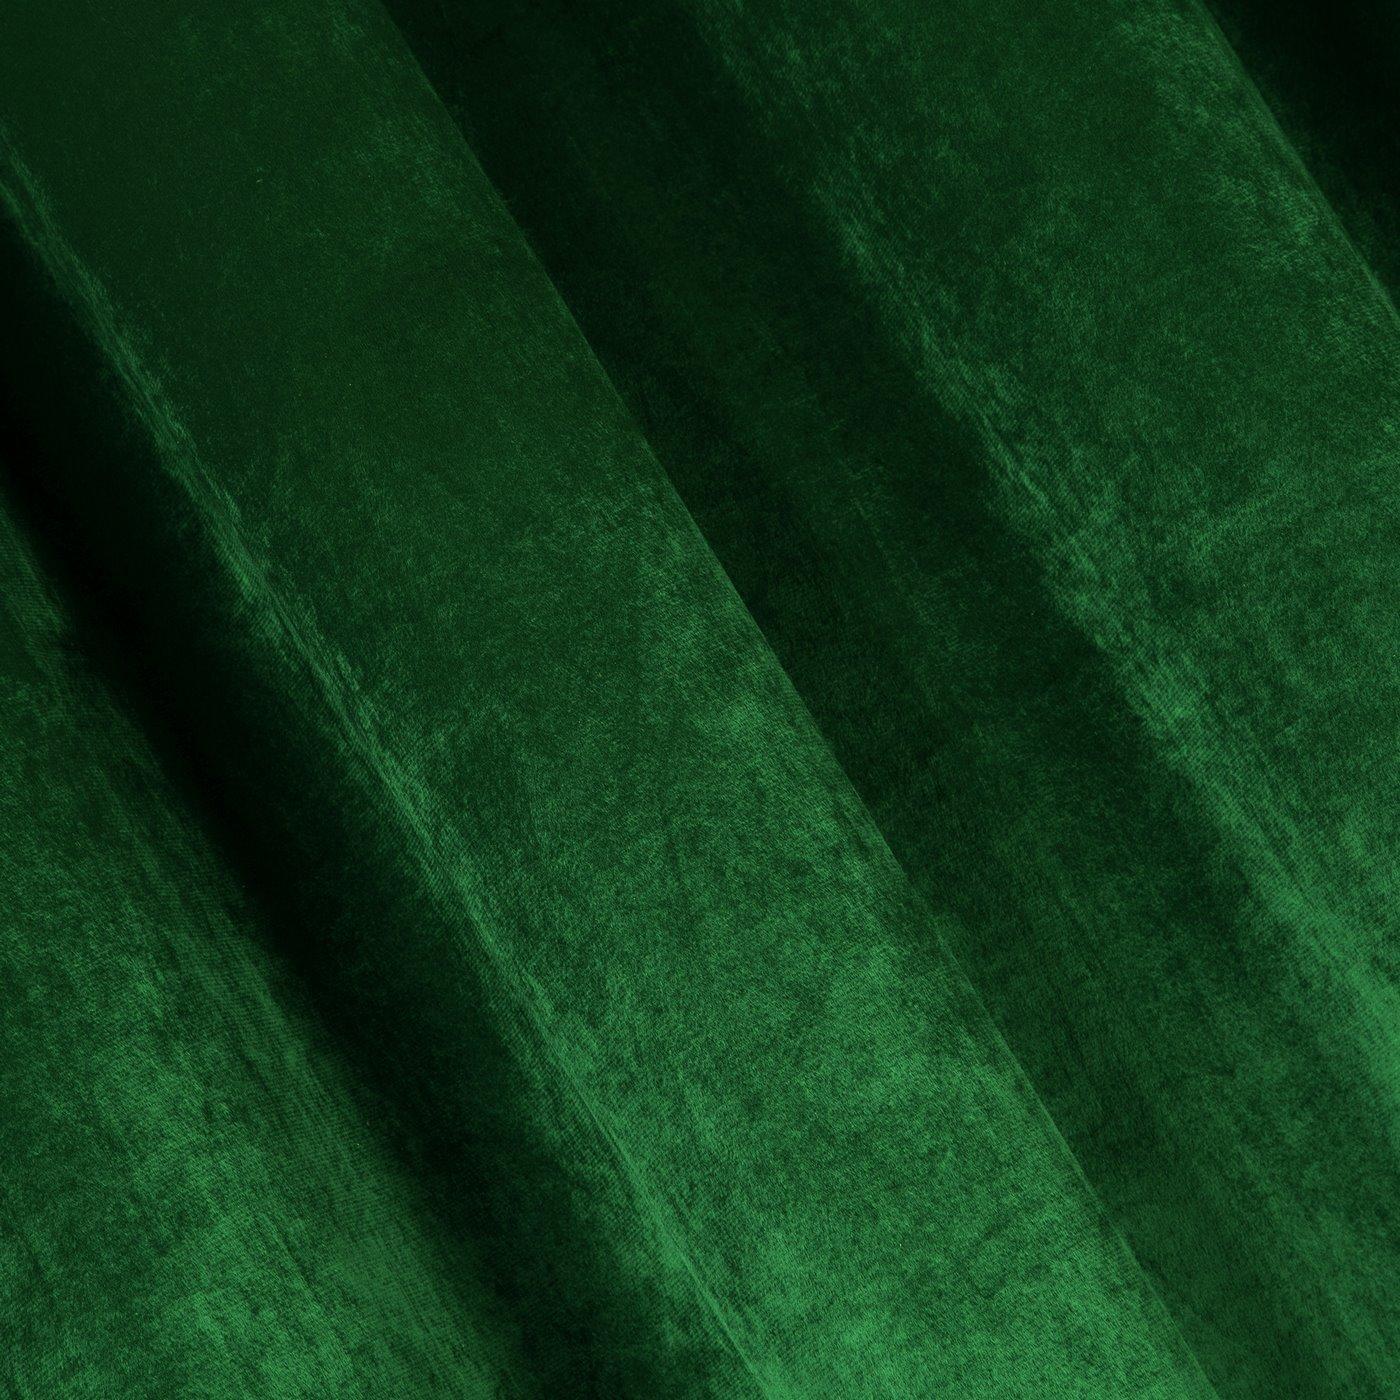 Zasłona welwetowa na taśmie marszczącej zielona 140x270cm